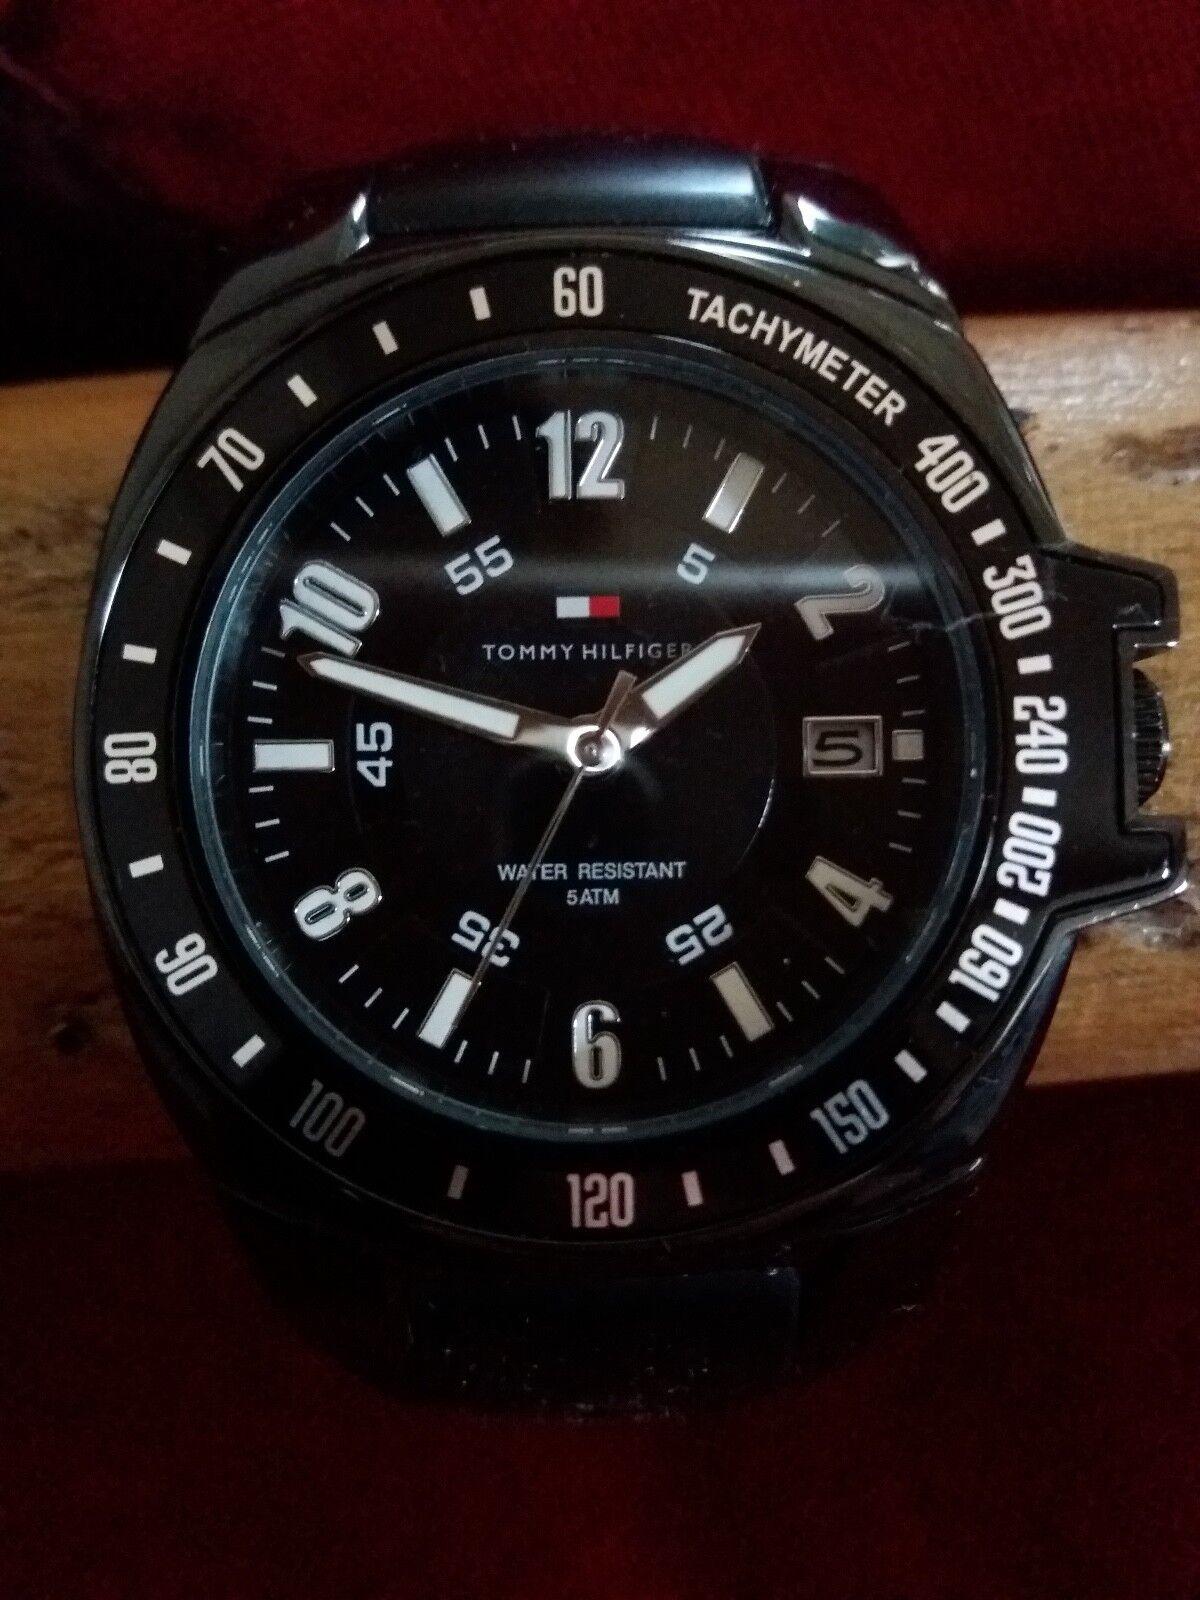 Tommy Hilfinger Herren Uhr, schwarz, guter Zustand,Tachometer, Edelstahl, 5ATM